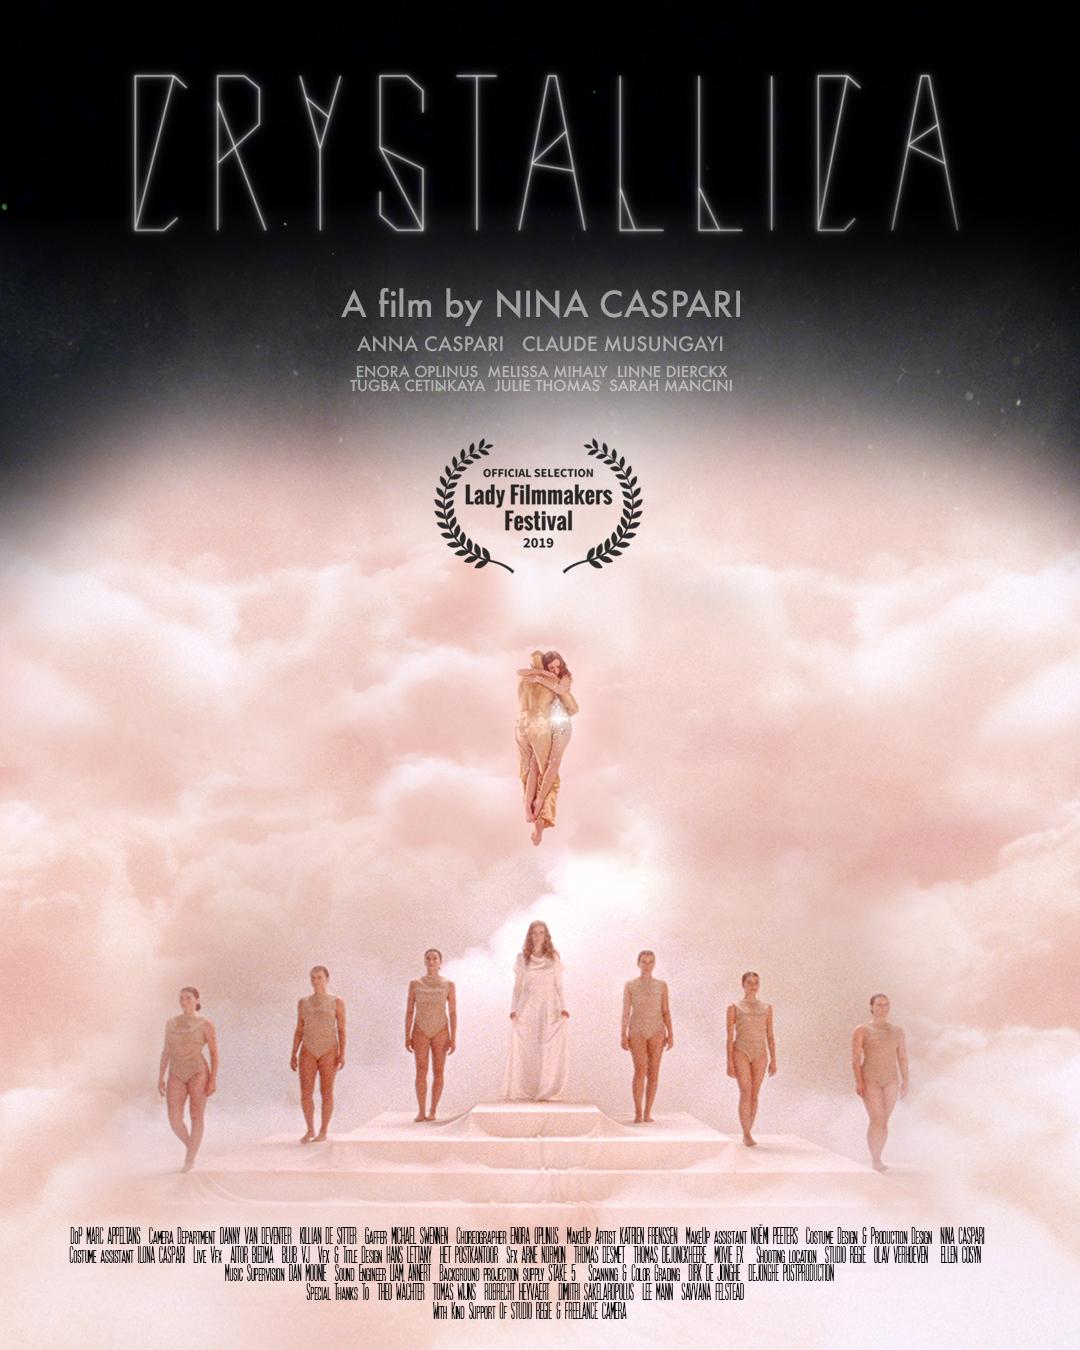 Nina Caspari - Poster_Instagram_format_Crystallica.jpg